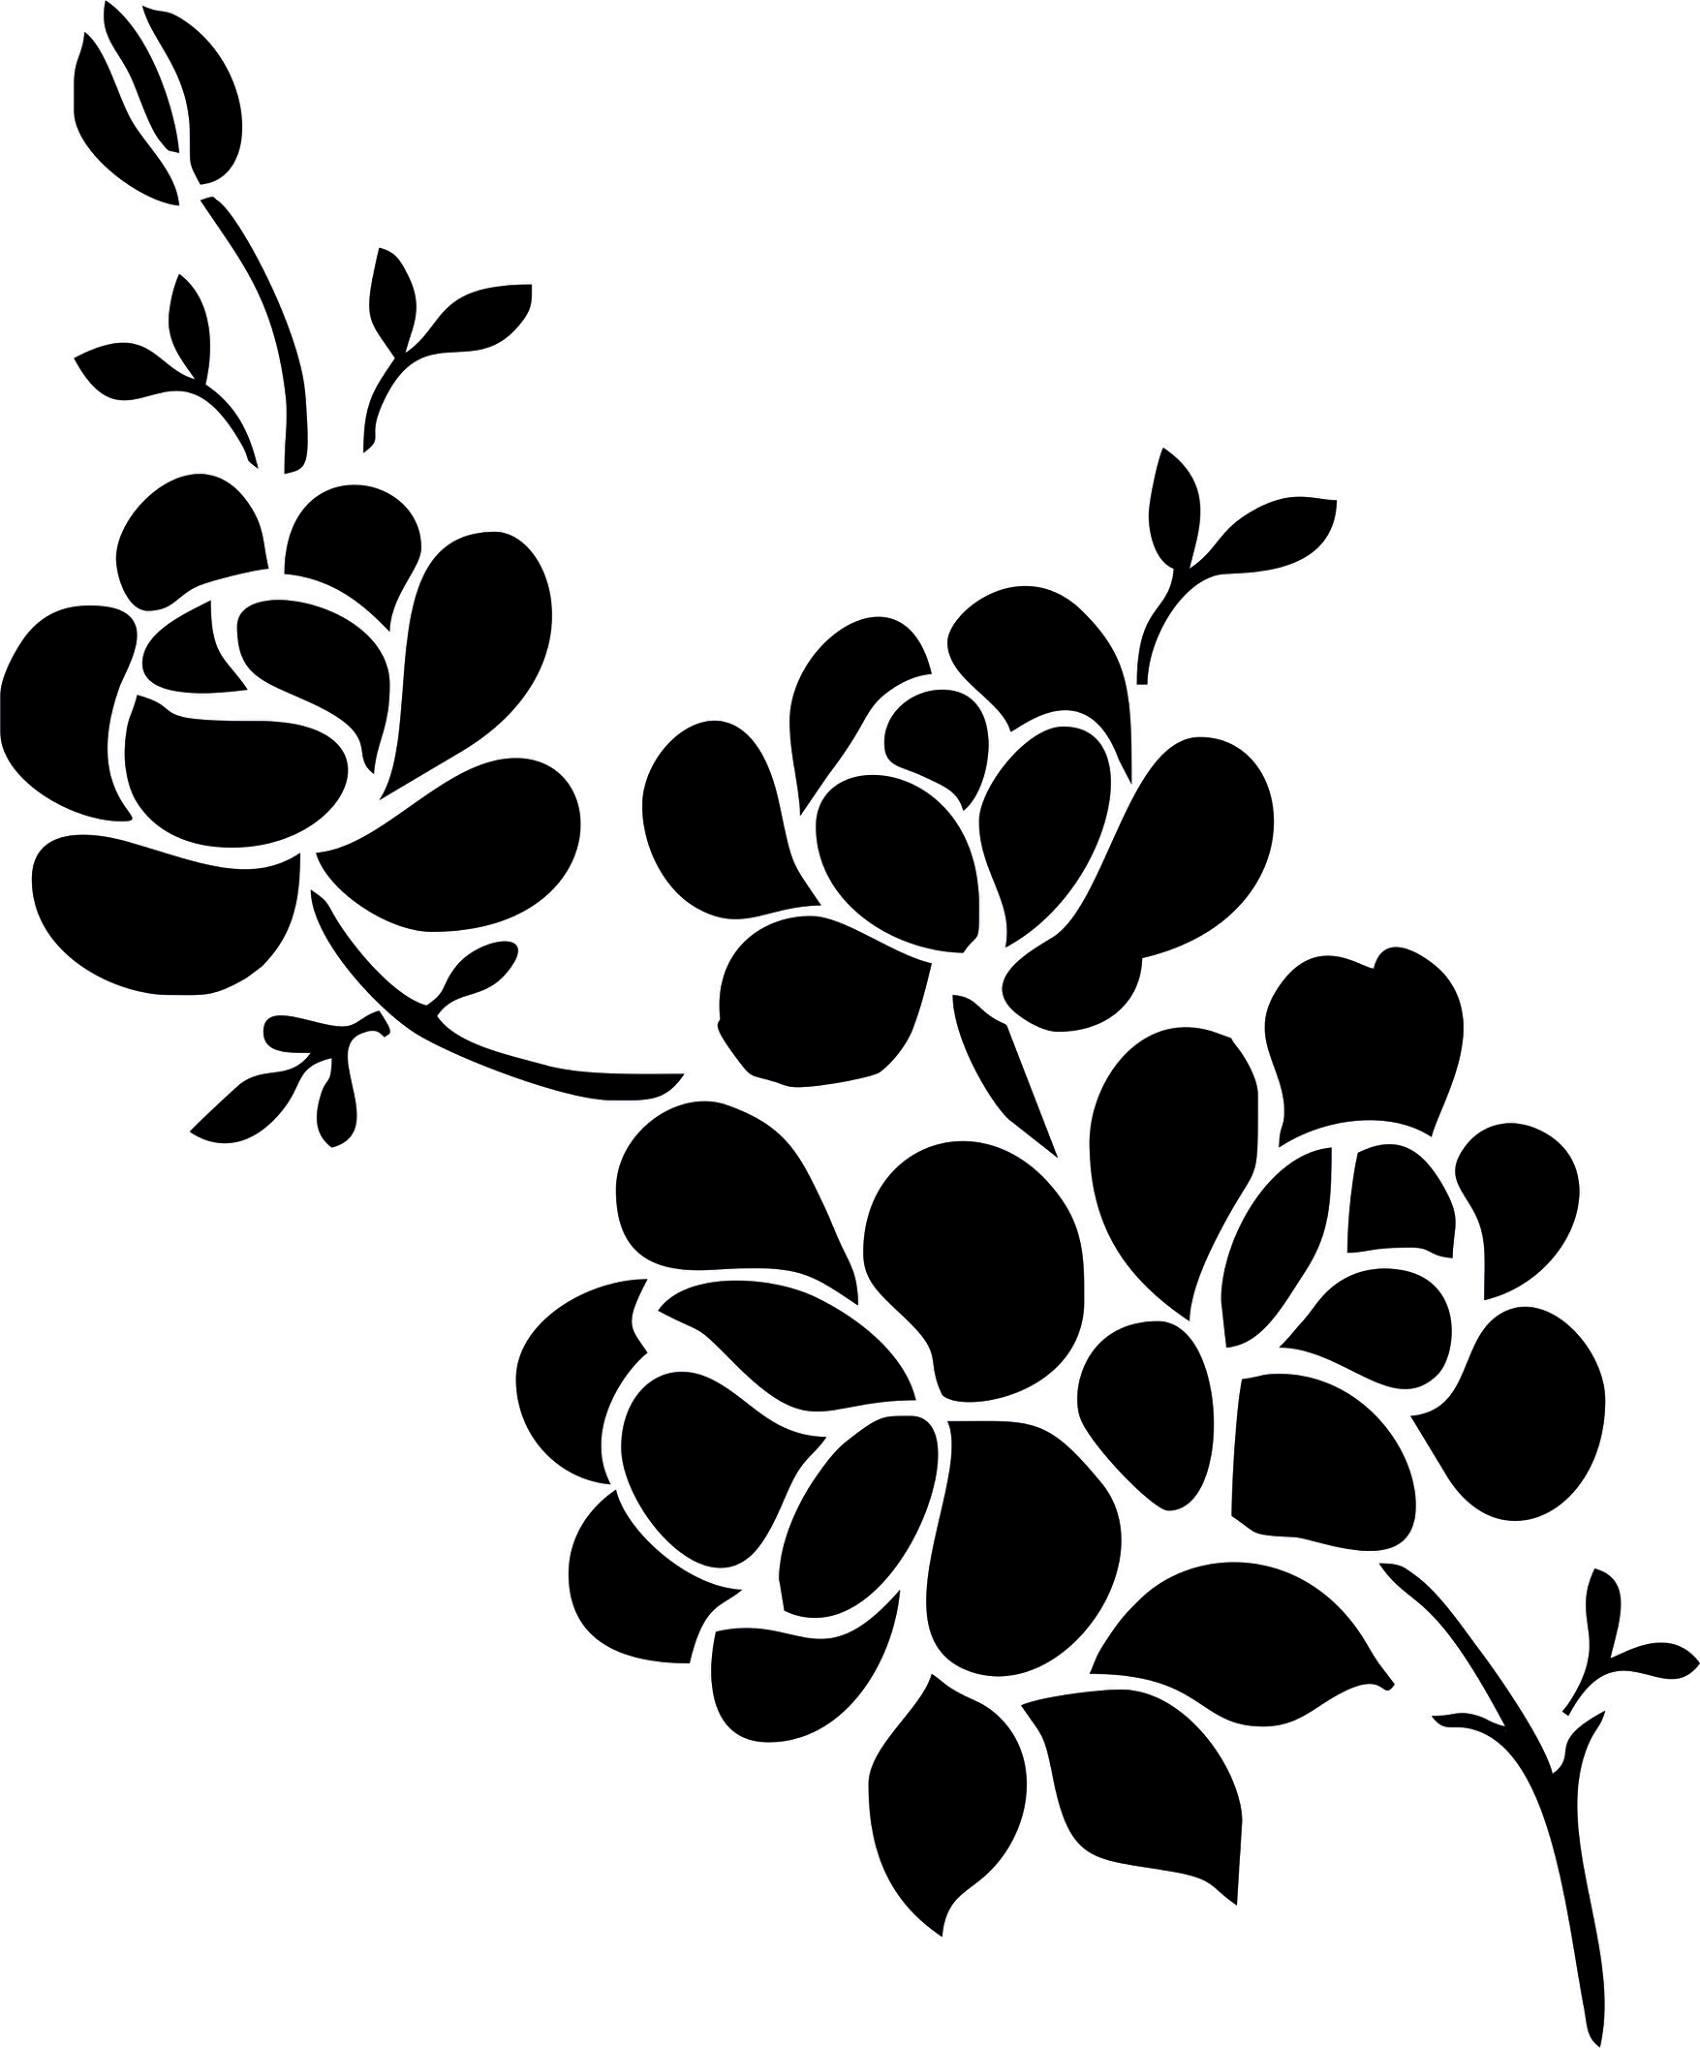 elegant black and white